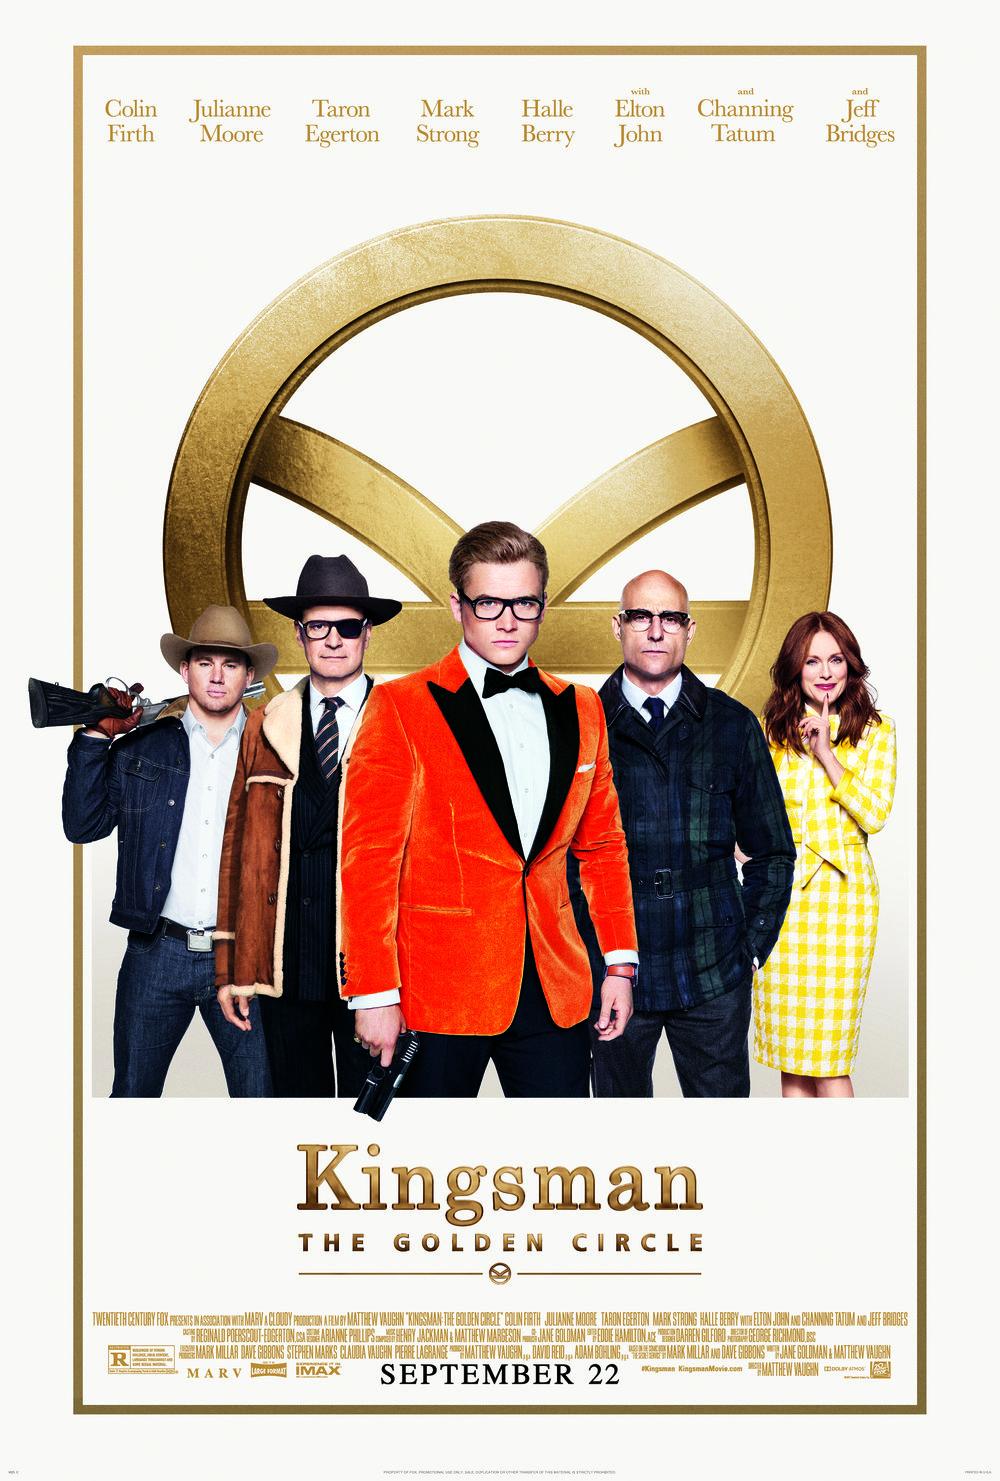 Kingsman 2 Poster.jpg